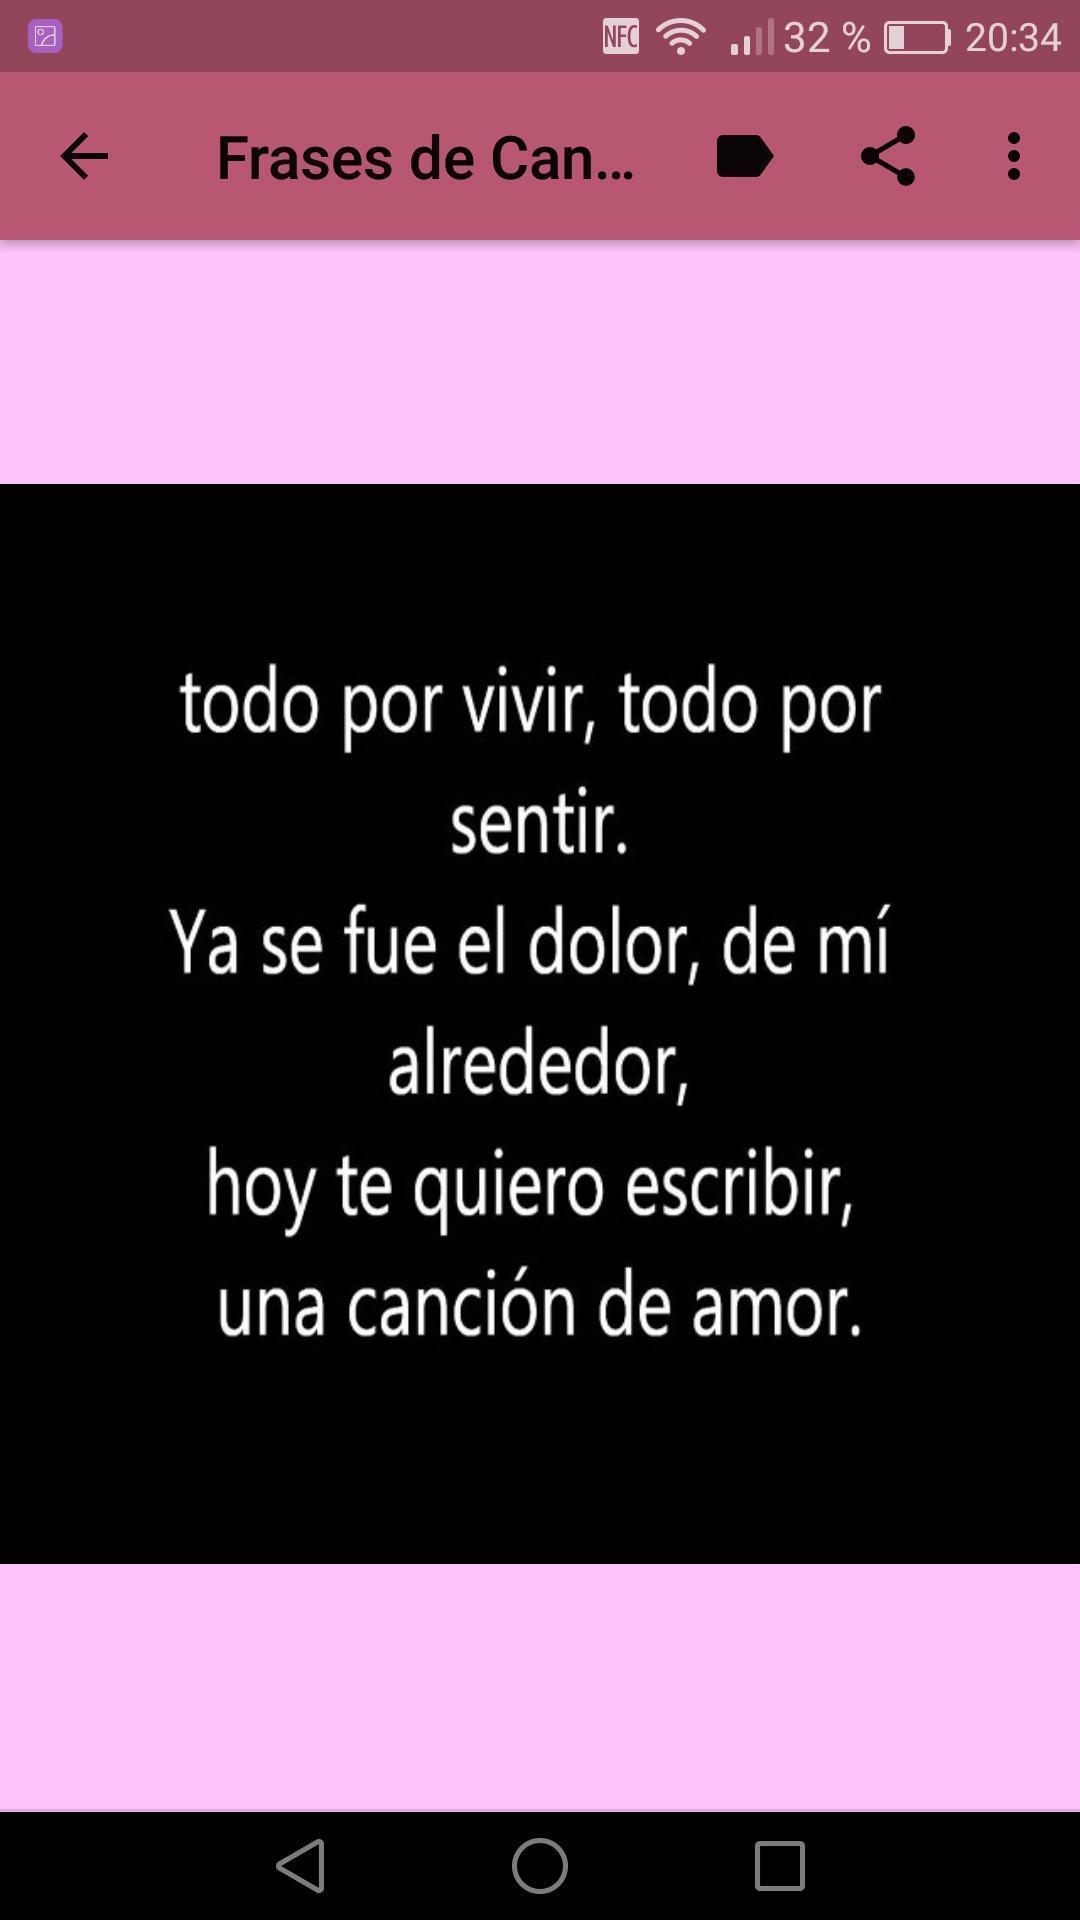 Frases De Canciones De Amor для андроид скачать Apk